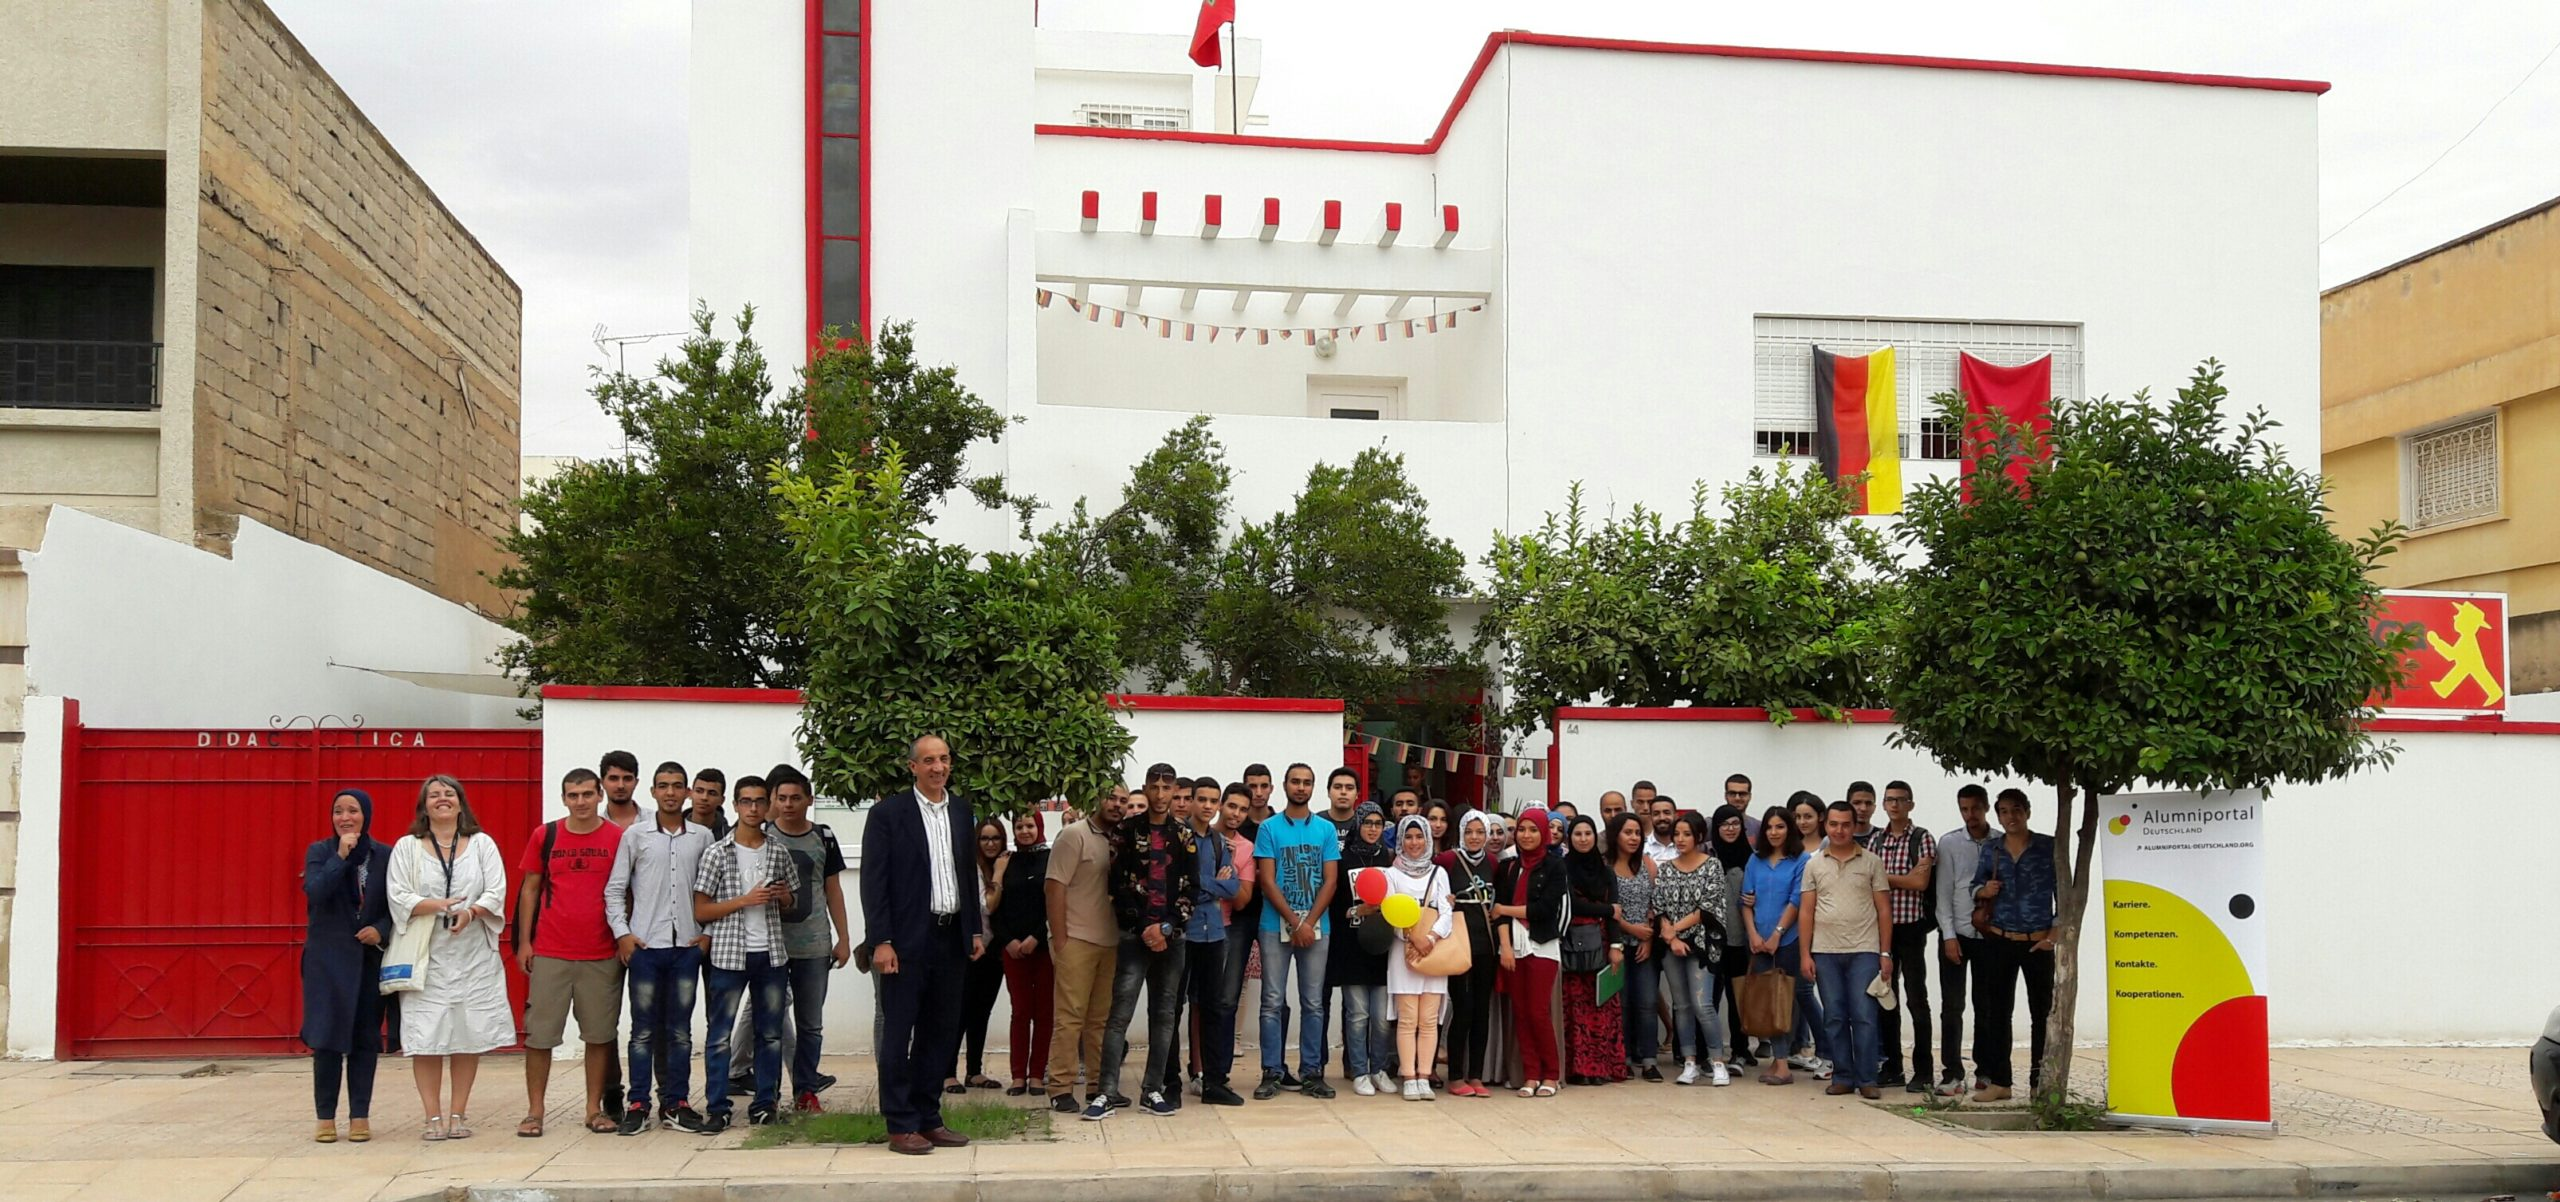 Schüler*innen bie Veranstaltung vor der Schule